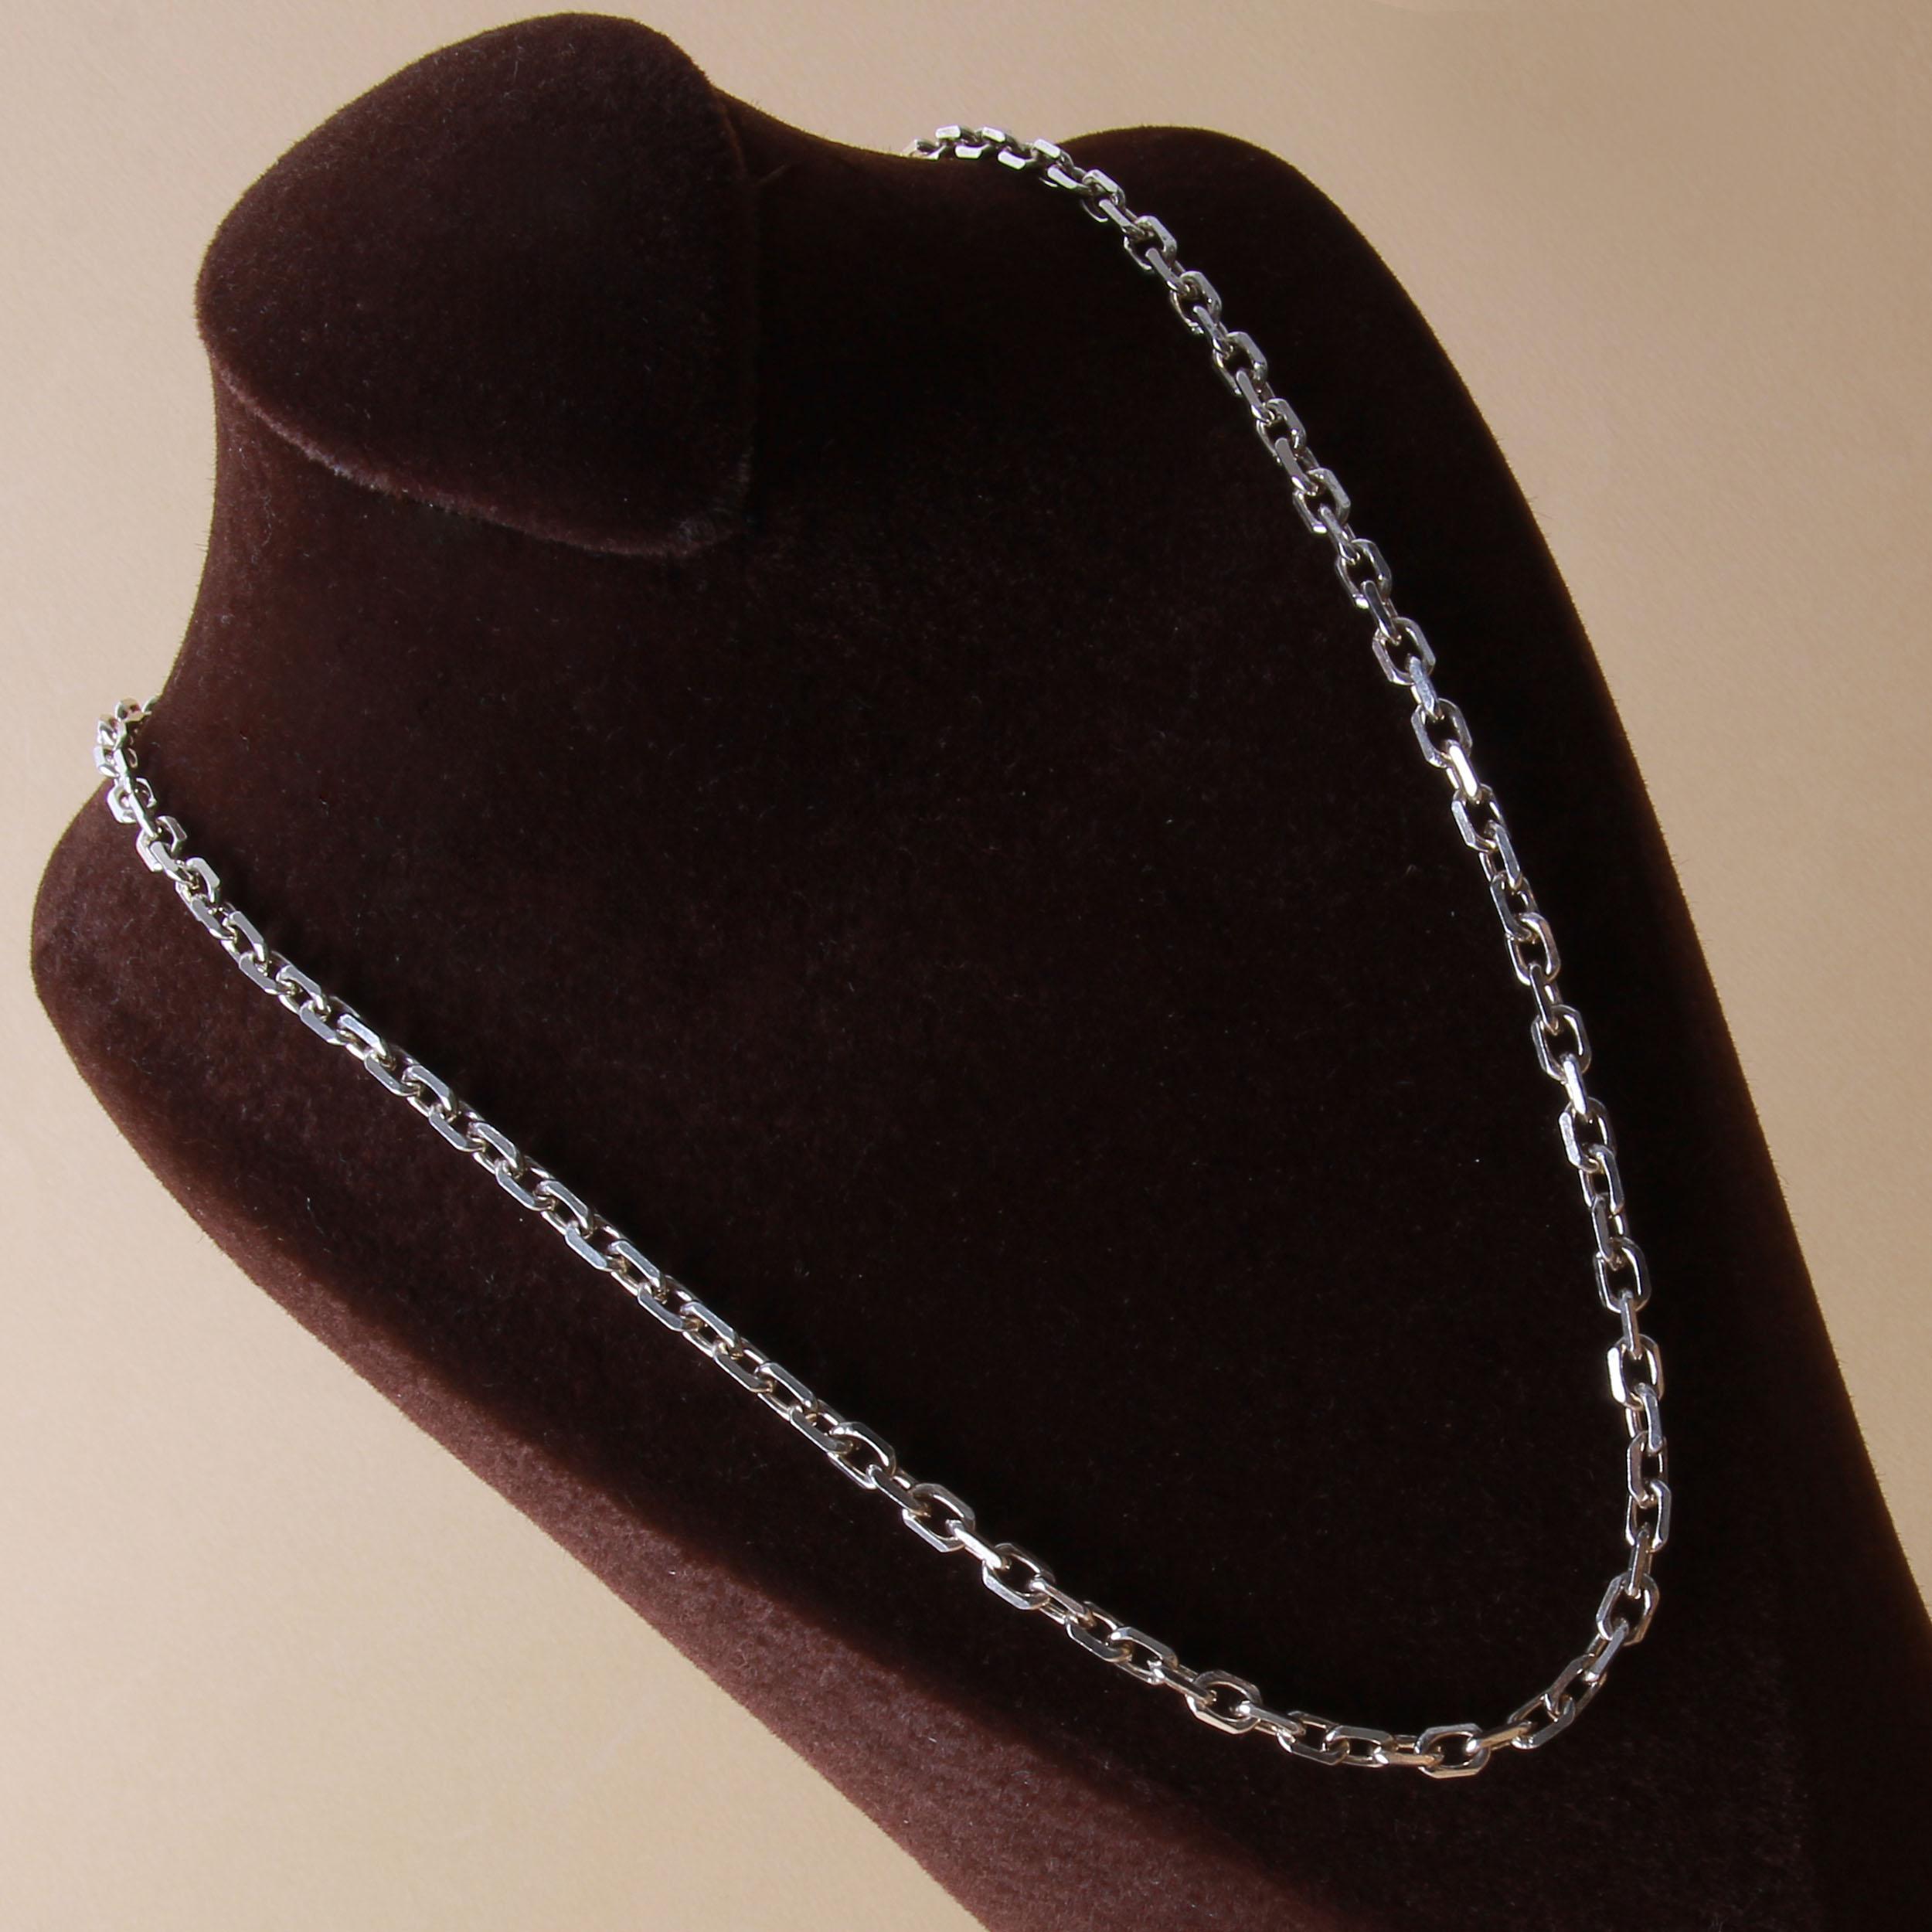 زنجیر نقره مردانه بازرگانی میلادی  کد  ZR_019